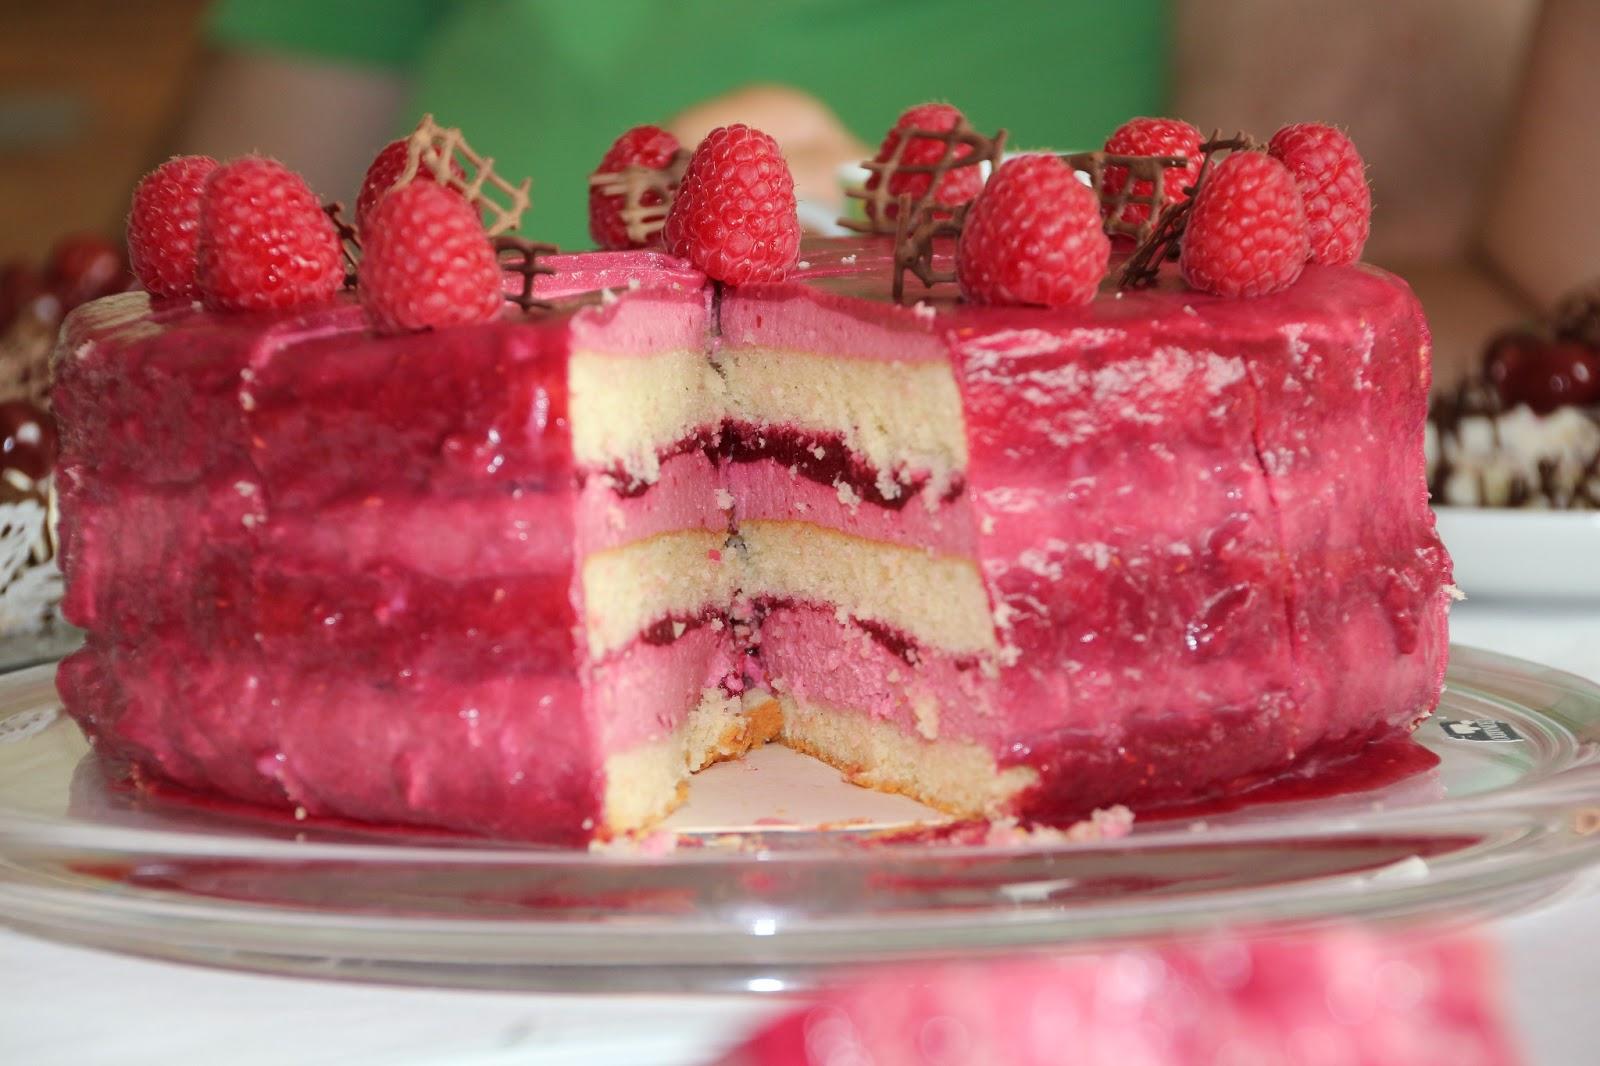 Torte, Himbeer-Torte, Himbeer-Gloss-Torte